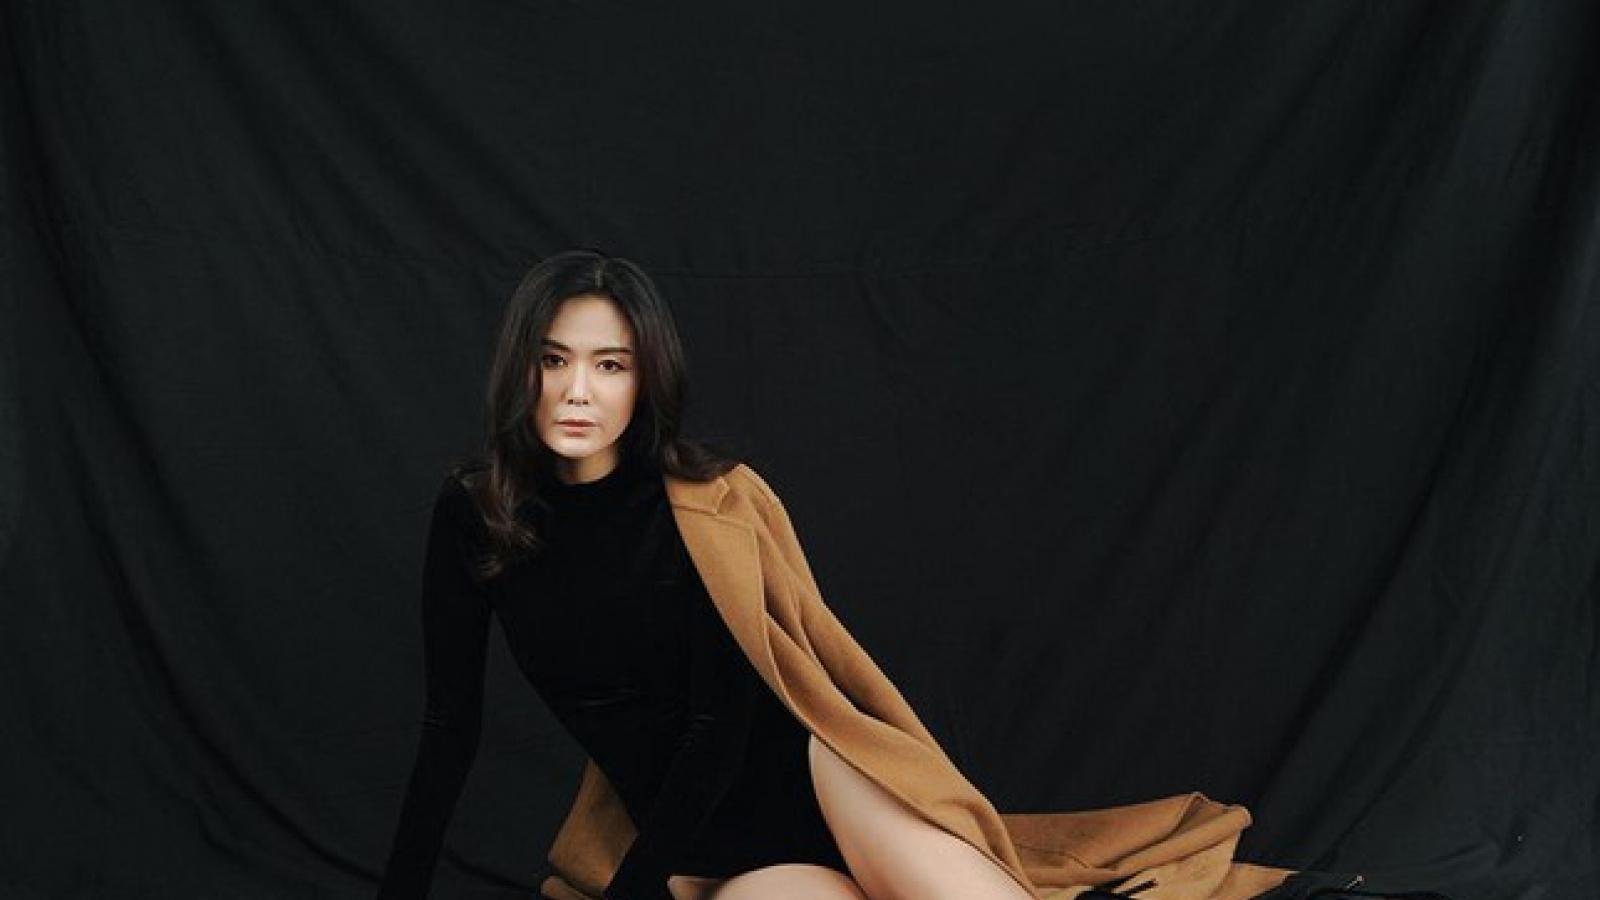 Bộ ảnh mới chưa được công bố trước khi Hoa hậu Thu Thủy qua đời